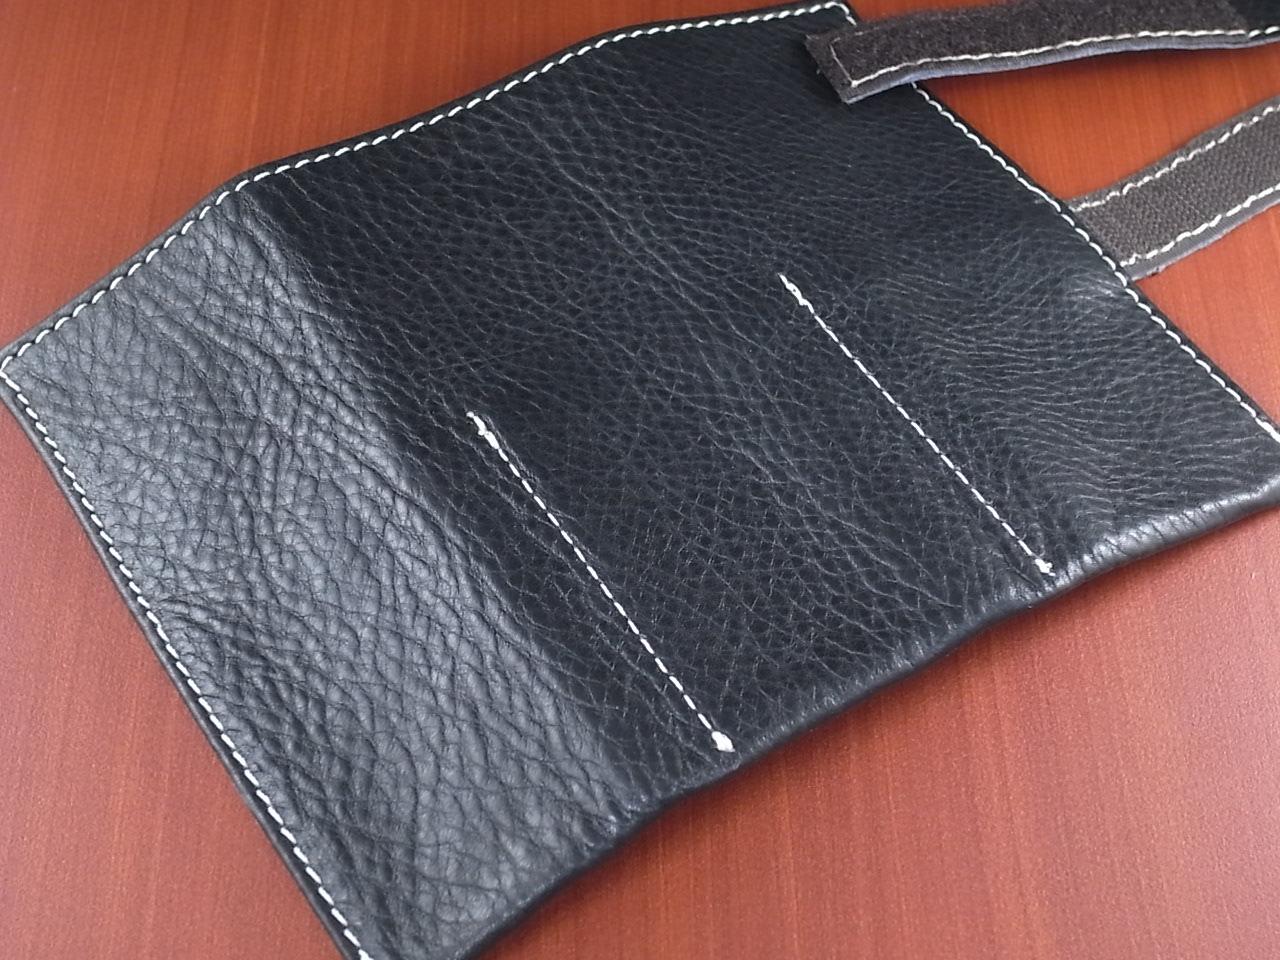 本革時計ケース 携帯タイプ 3本用 イタリア製 黒 白ステッチの写真3枚目